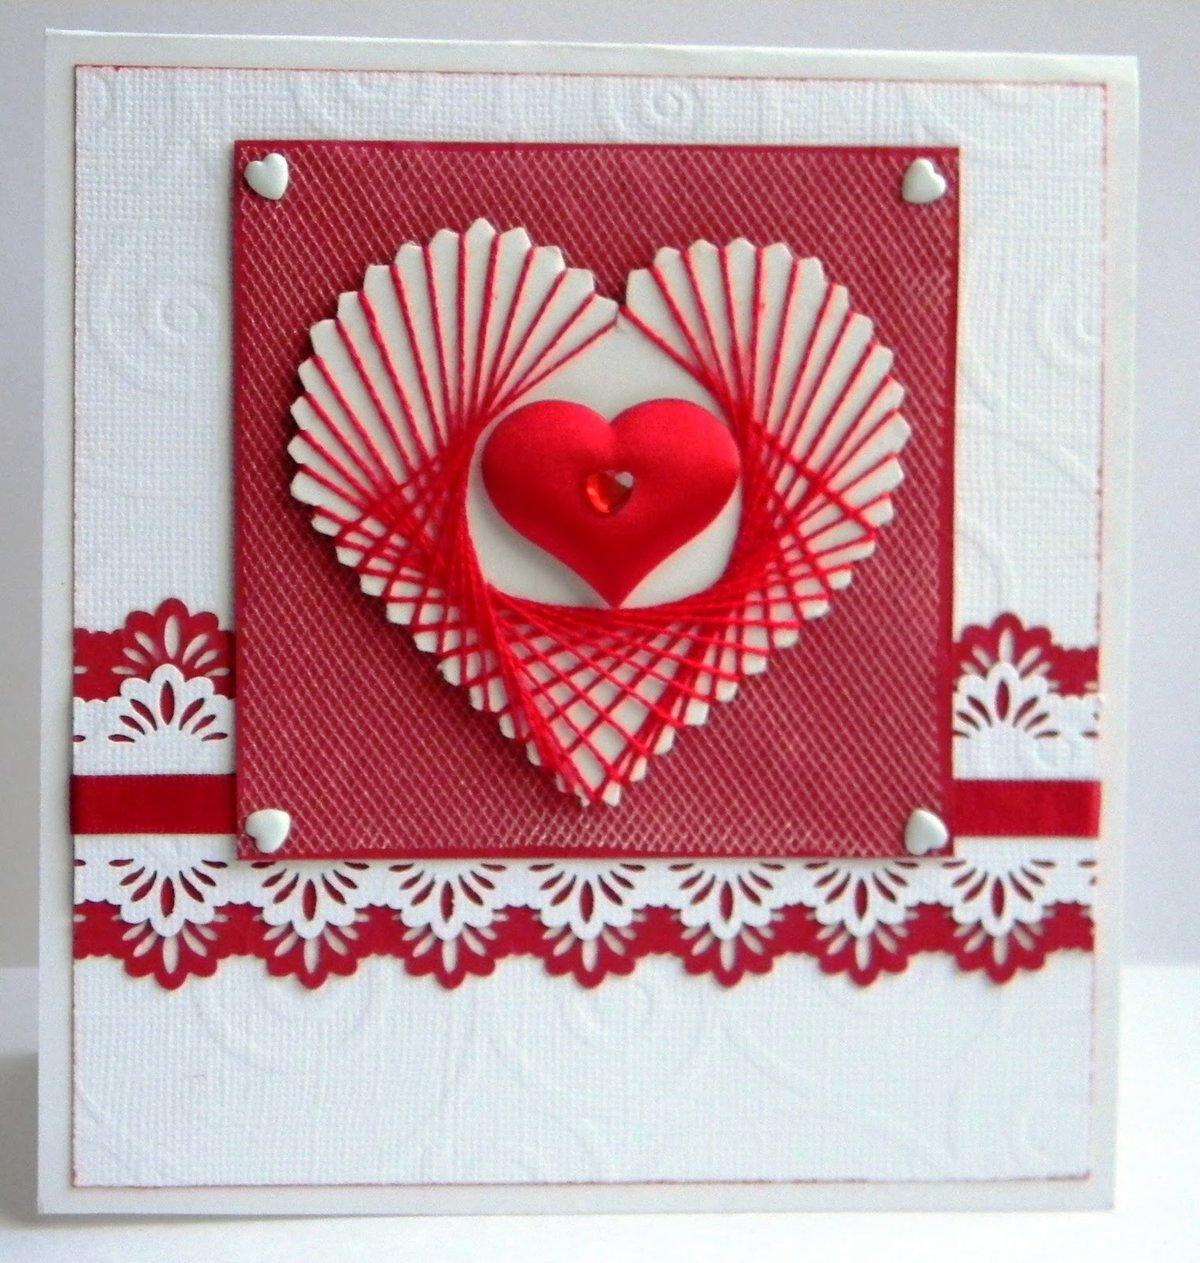 14-летием открытки, открытка для влюбленных мастер класс